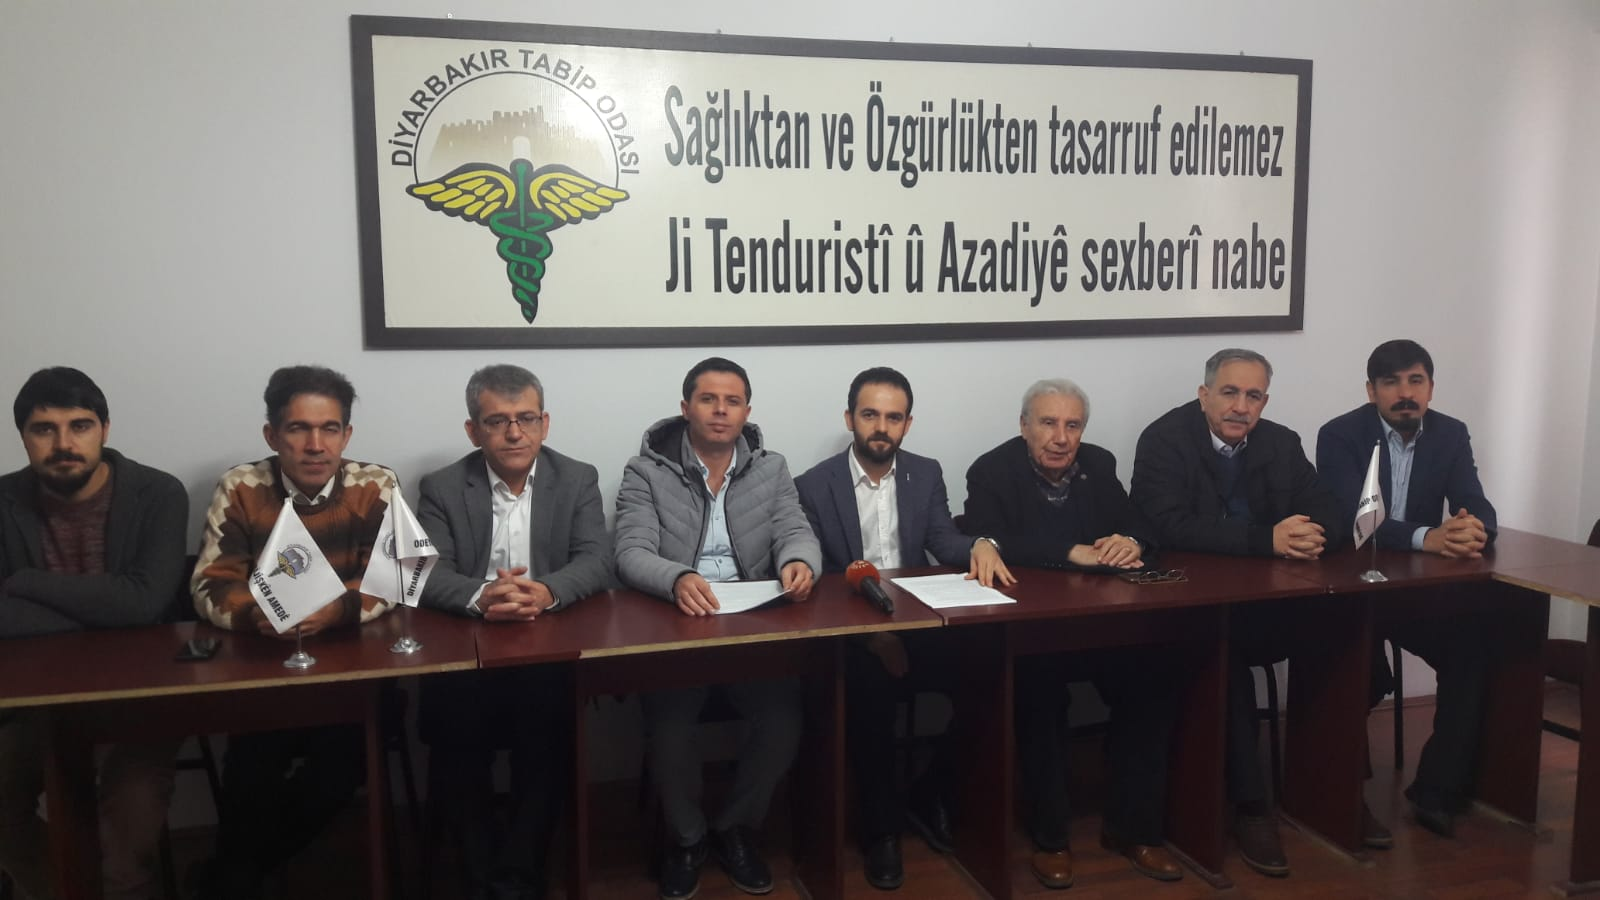 Diyarbakır Tabip Odası'ndan Ankara davasına katılım çağrısı